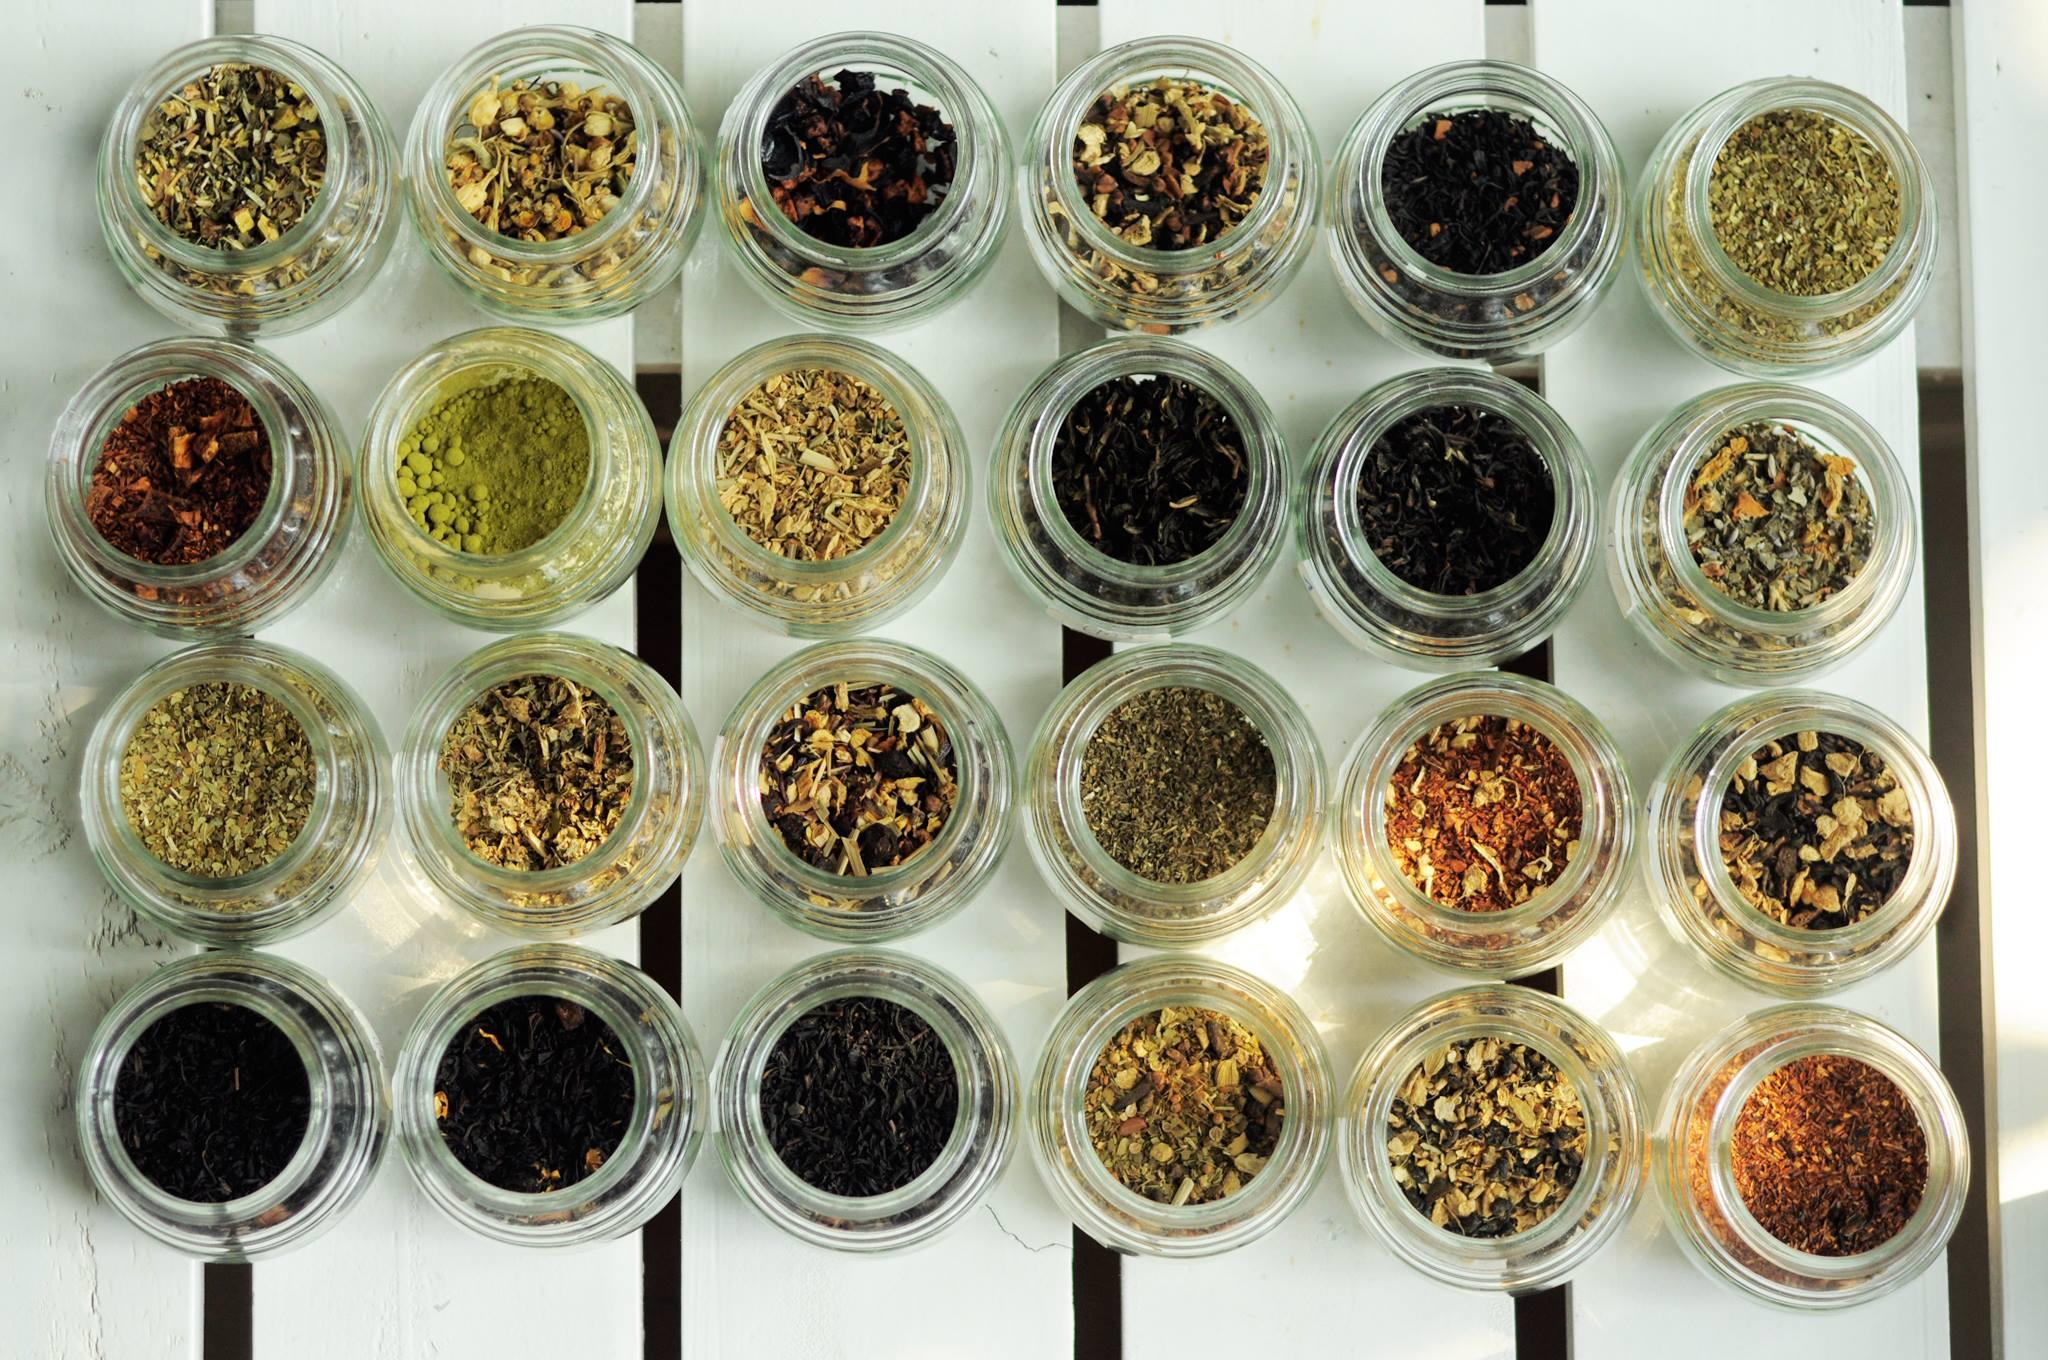 Nguyên liệu trà đạo rất phong phú, có tác dụng tốt cho sức khỏe